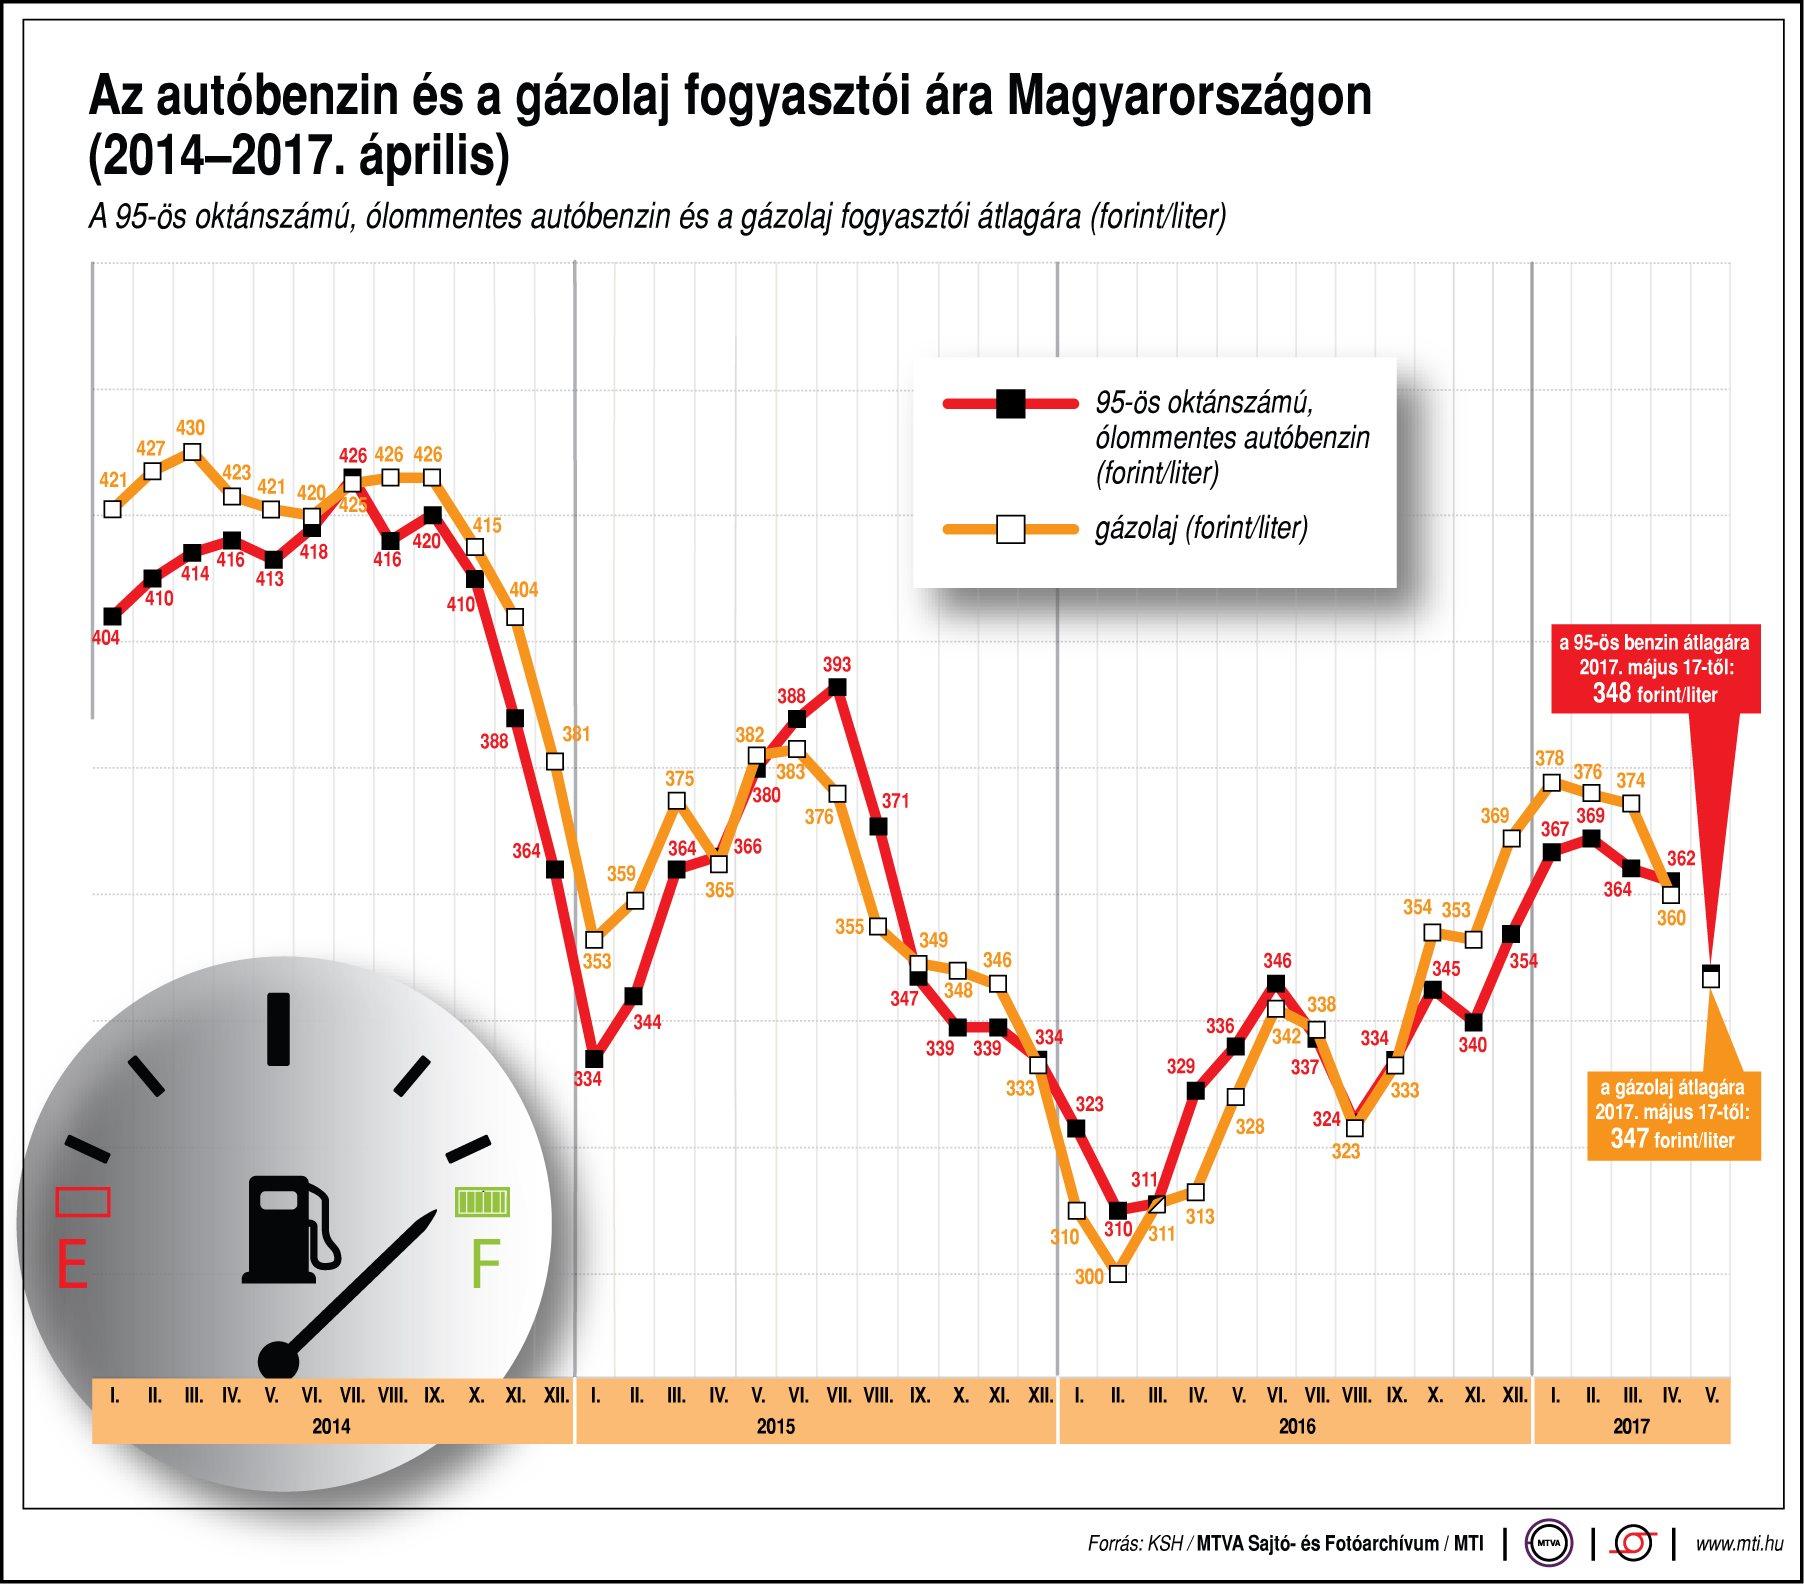 Az autóbenzin és a gázolaj fogyasztói ára Magyarországon - ábra